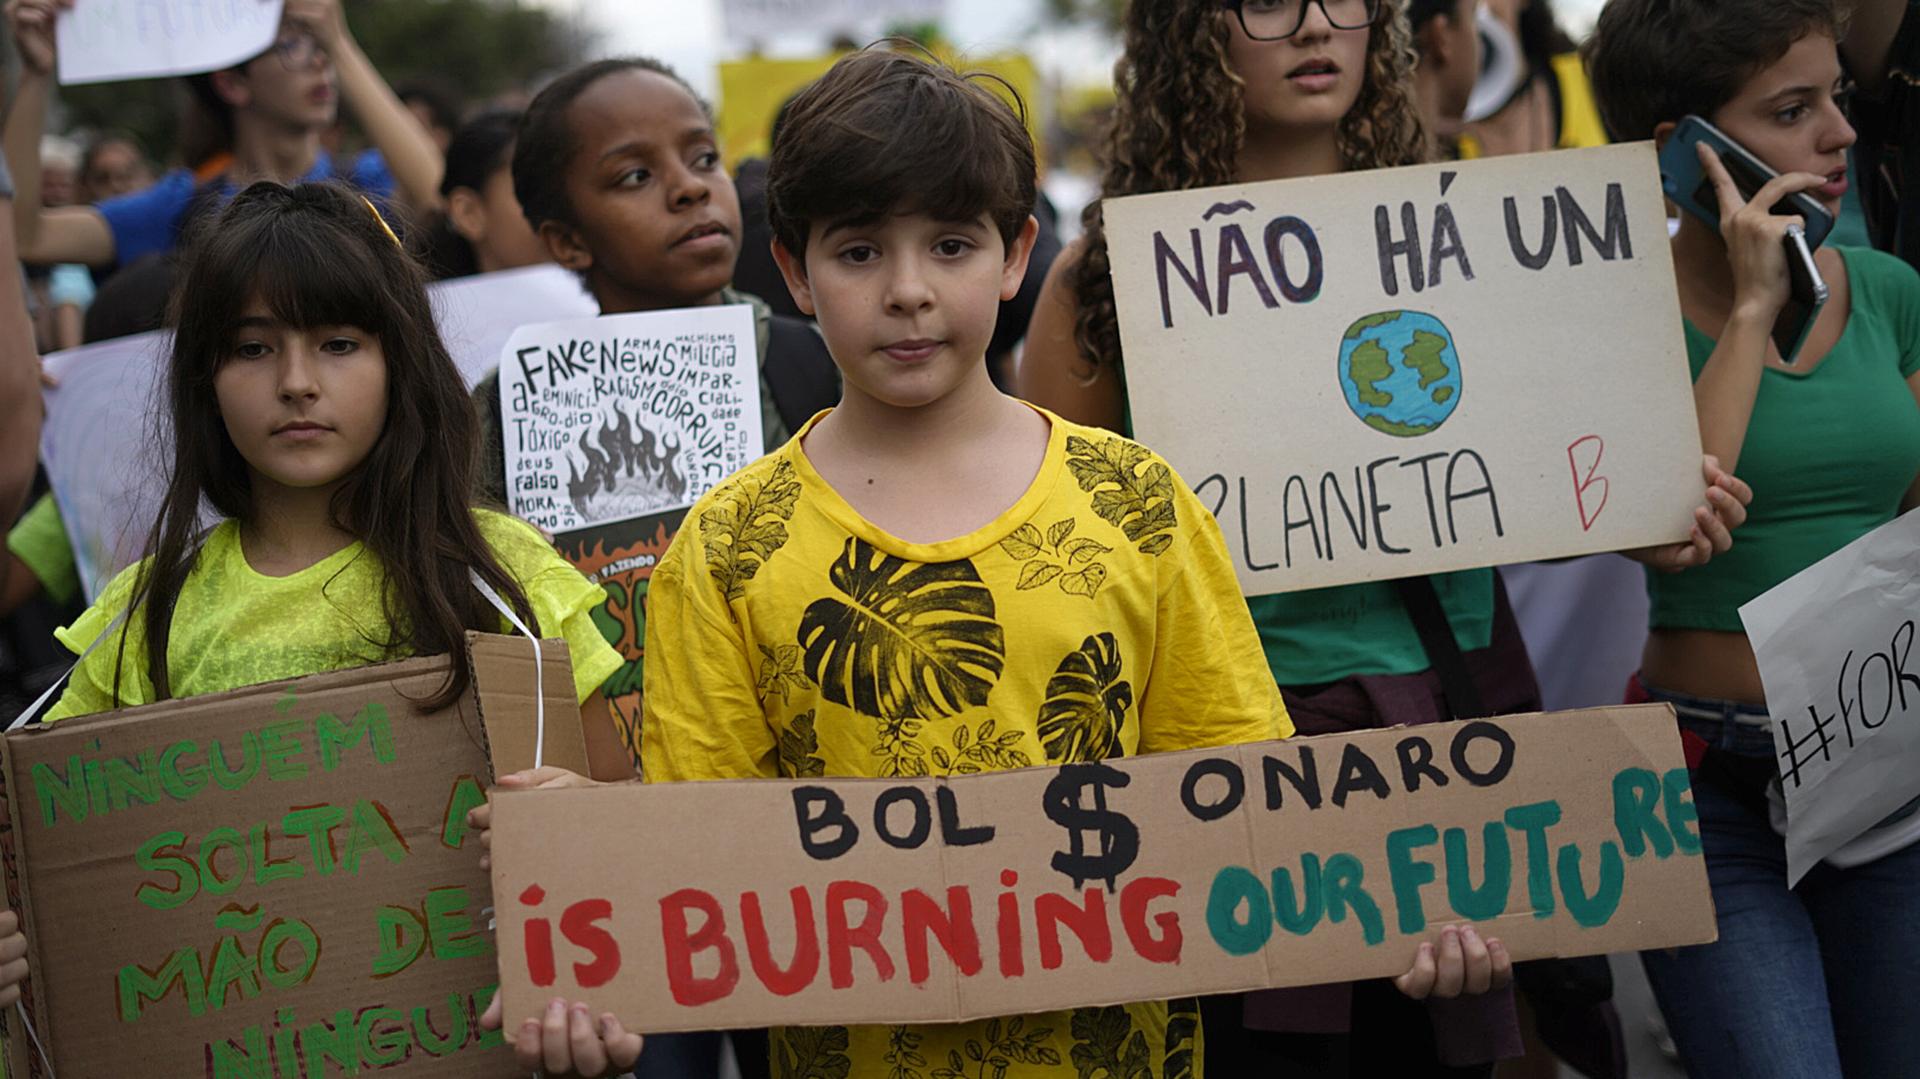 """Un niño sostiene un cartel que dice """"Boslonaro esta quemando nuestro futuro"""". (Foto por Mauro PIMENTEL / AFP)"""